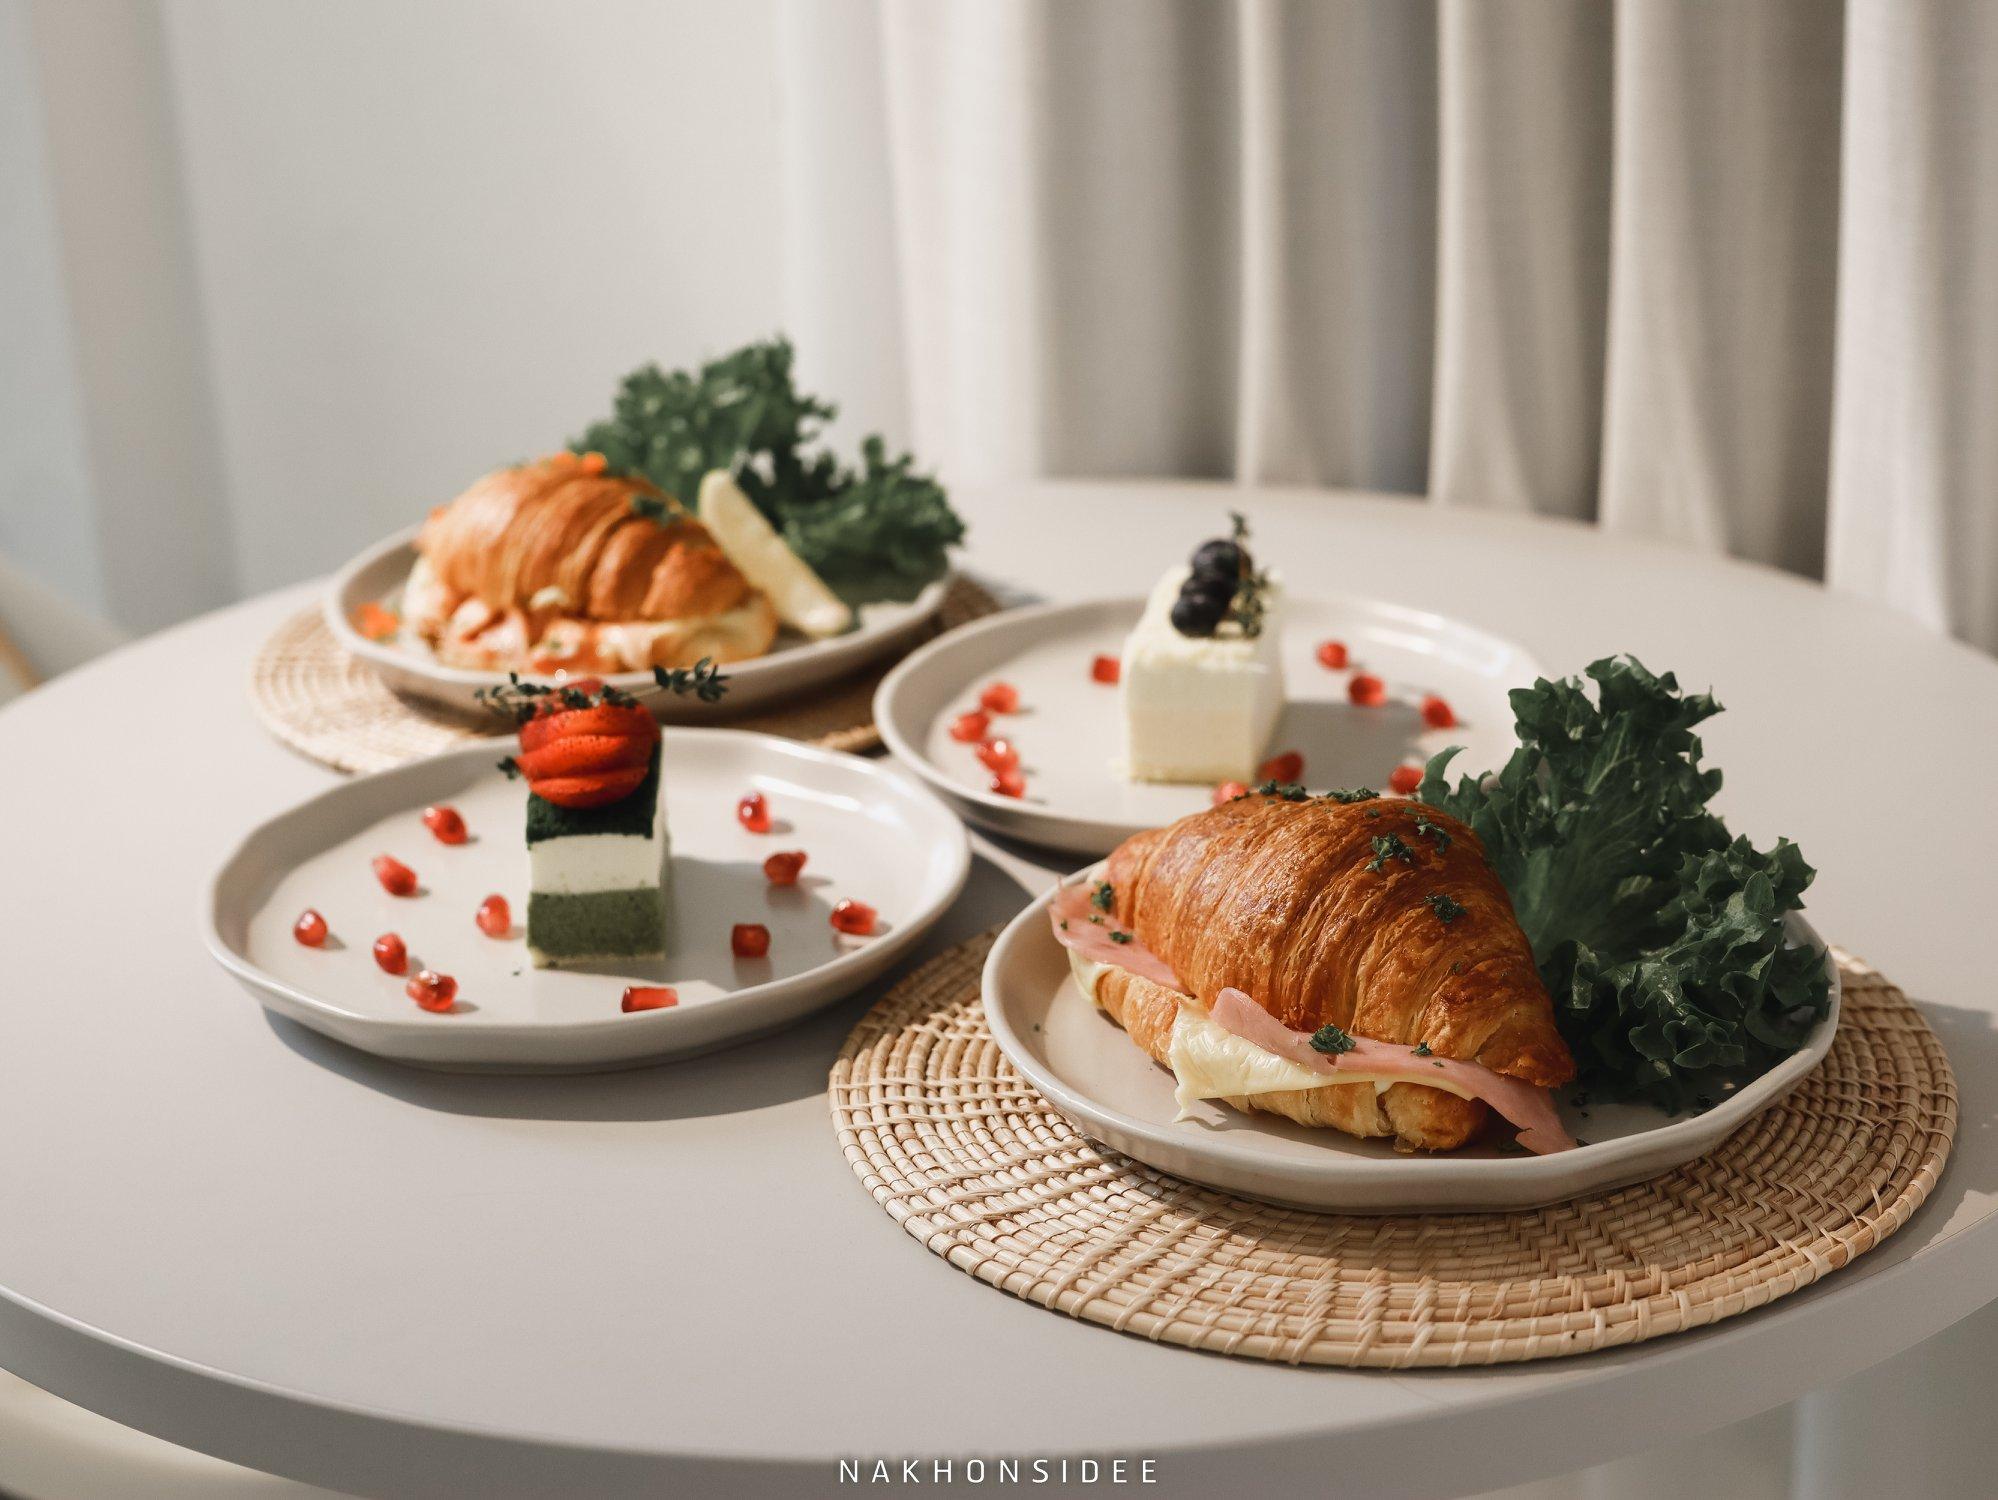 ครัวซองและเบเกอรี่-อร่อยเด็ดๆ-เอามาถ่ายรูปสวยกินเกลี้ยงง ขนอม,คาเฟ่,สไตล์มินิมอล,สะดวก,สบาย,cafe,โทนสีขาว